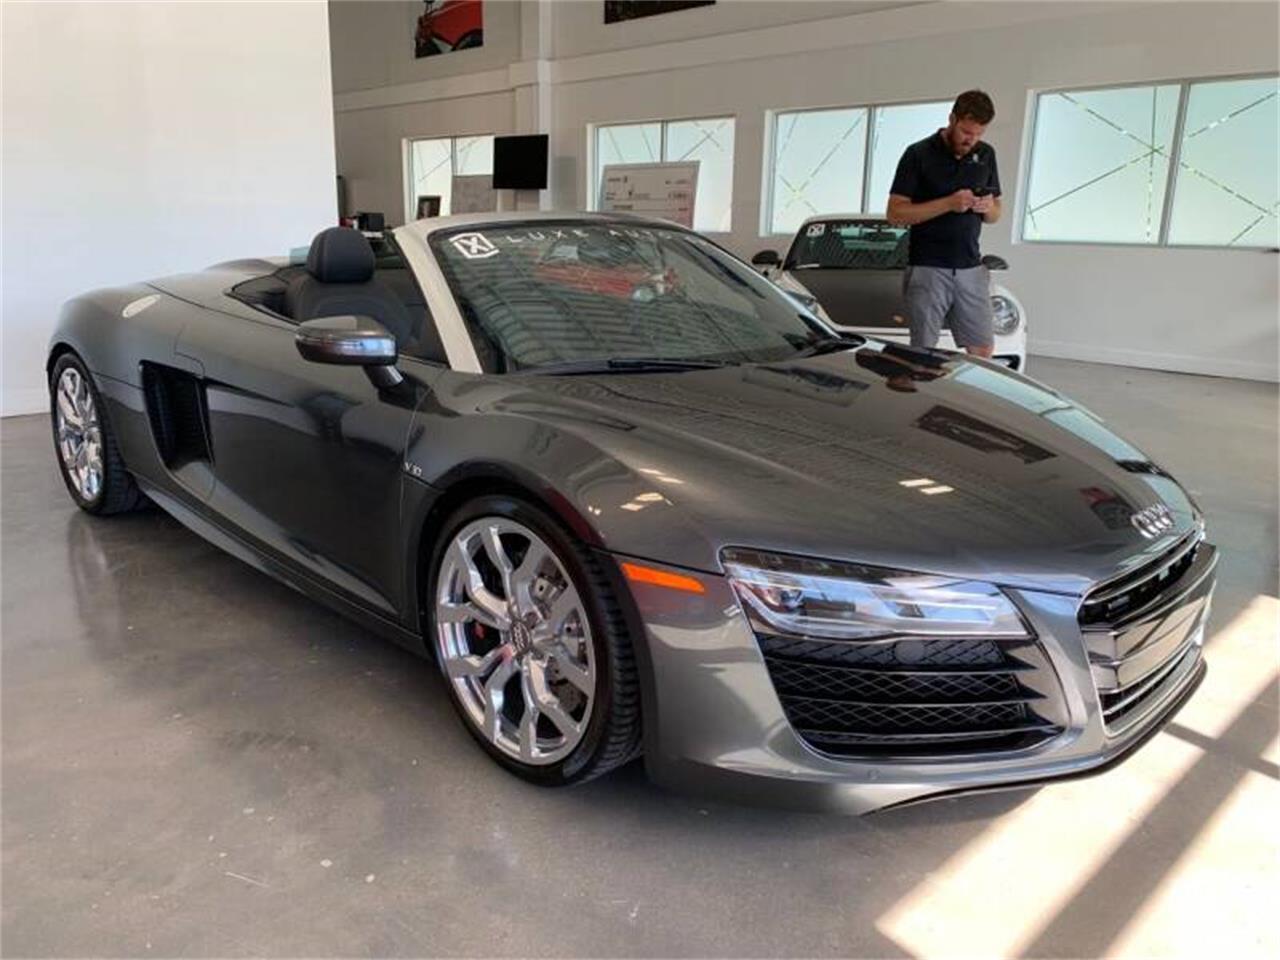 2014 Audi R8 (CC-1228358) for sale in South Salt Lake, Utah